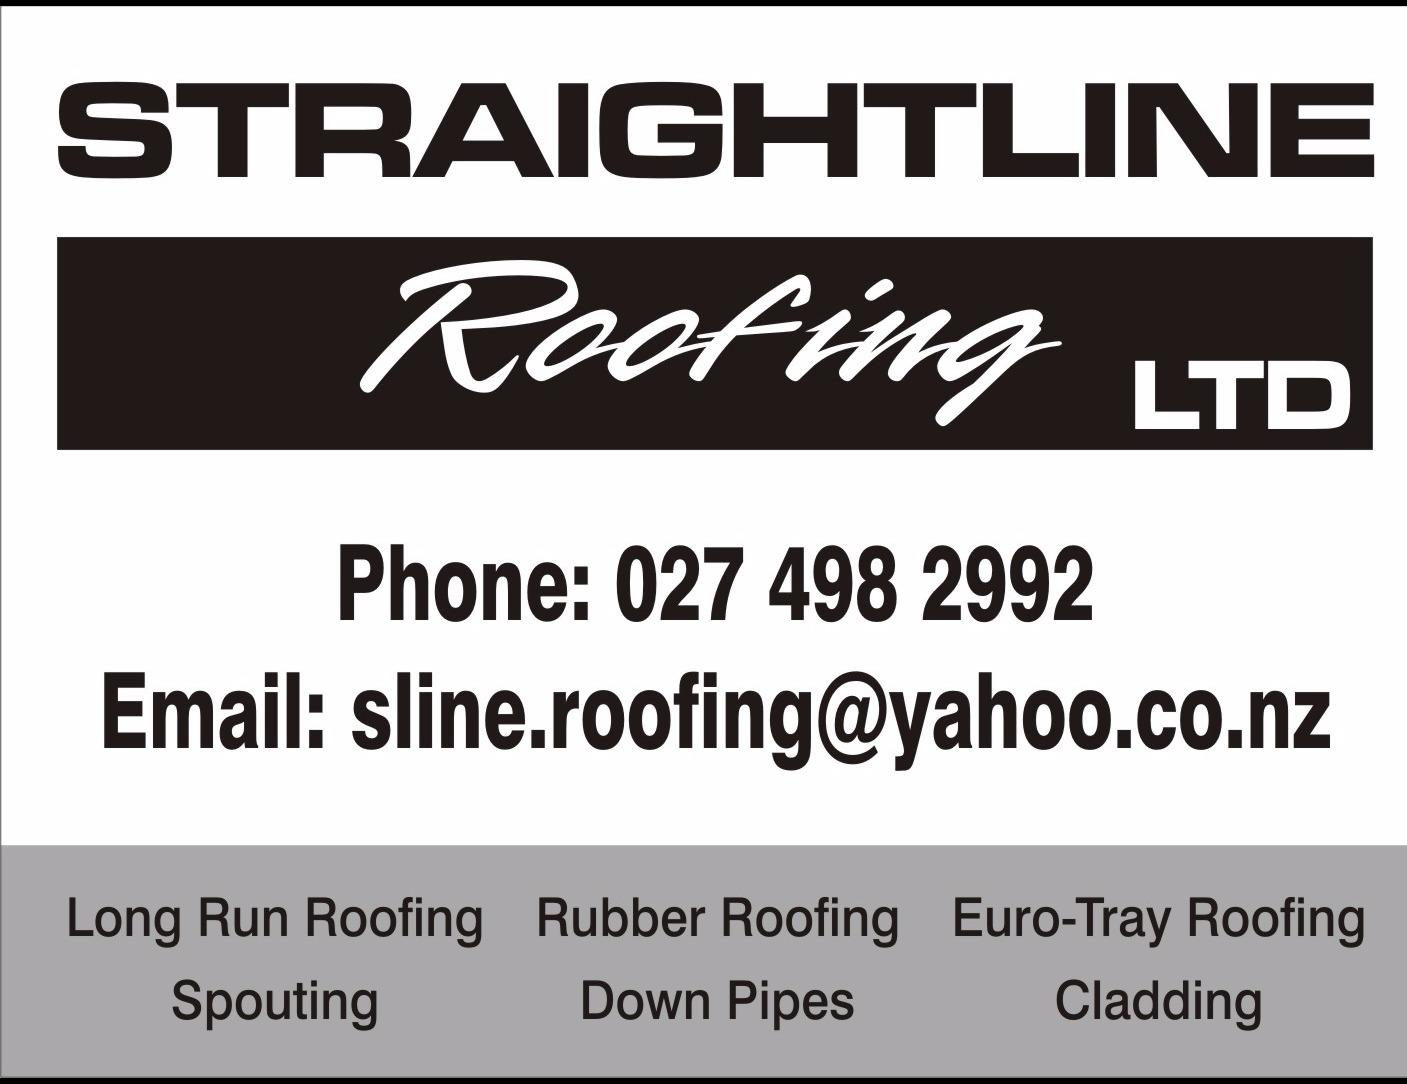 Straightline Roofing Ltd